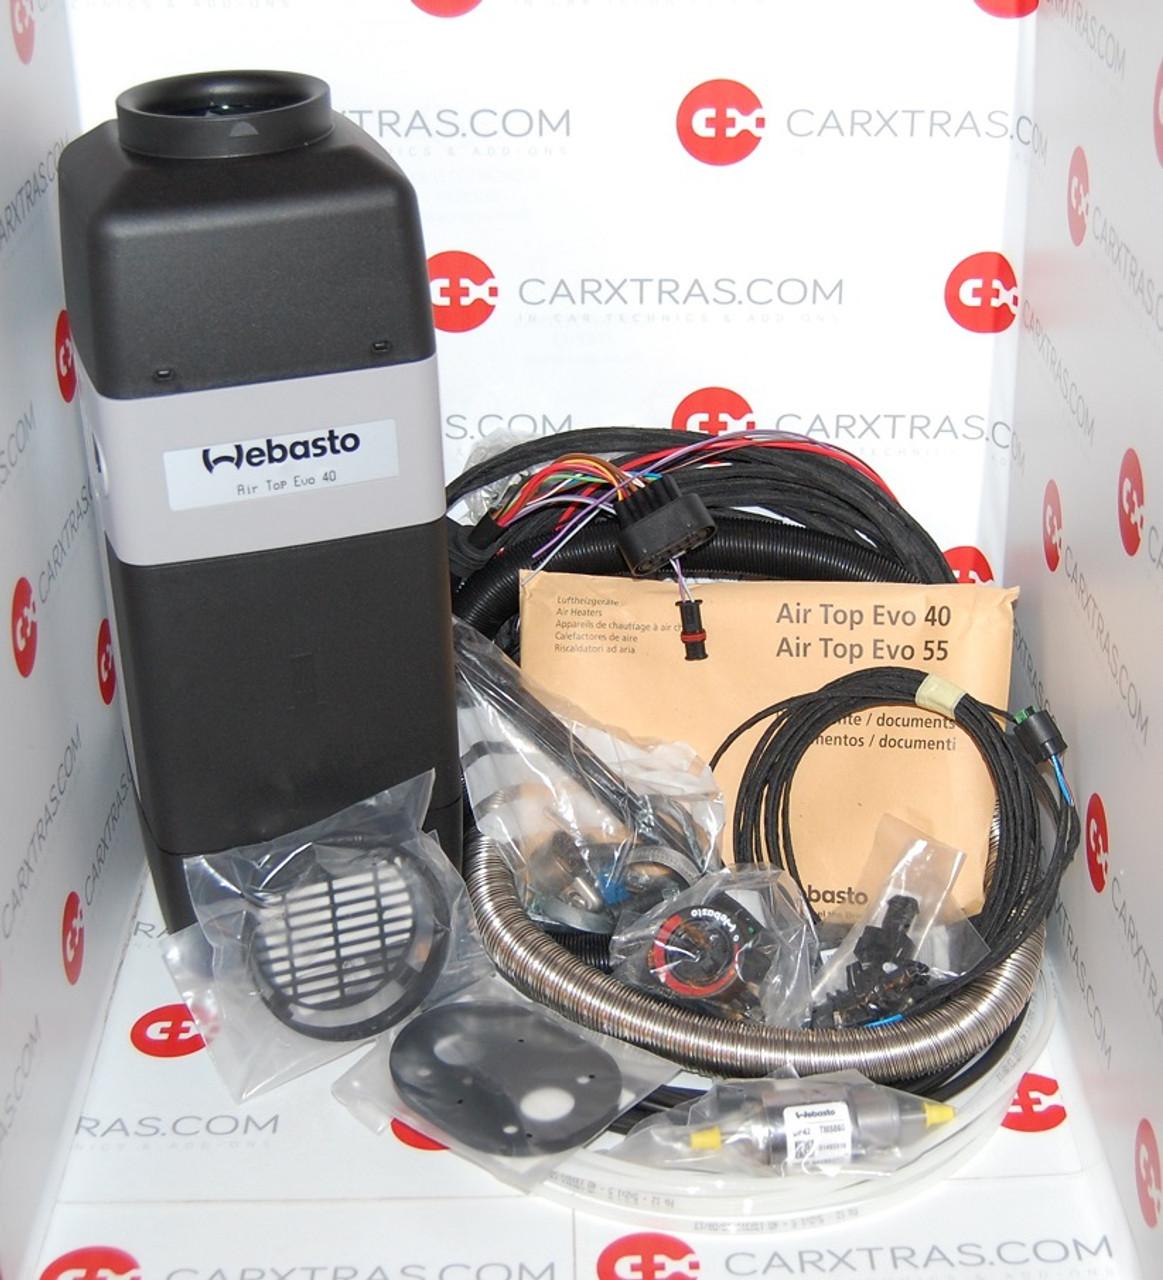 New Webasto Air Top 40 Evo 12v 4 0 Kw Diesel Interior Air Heater Carxtras